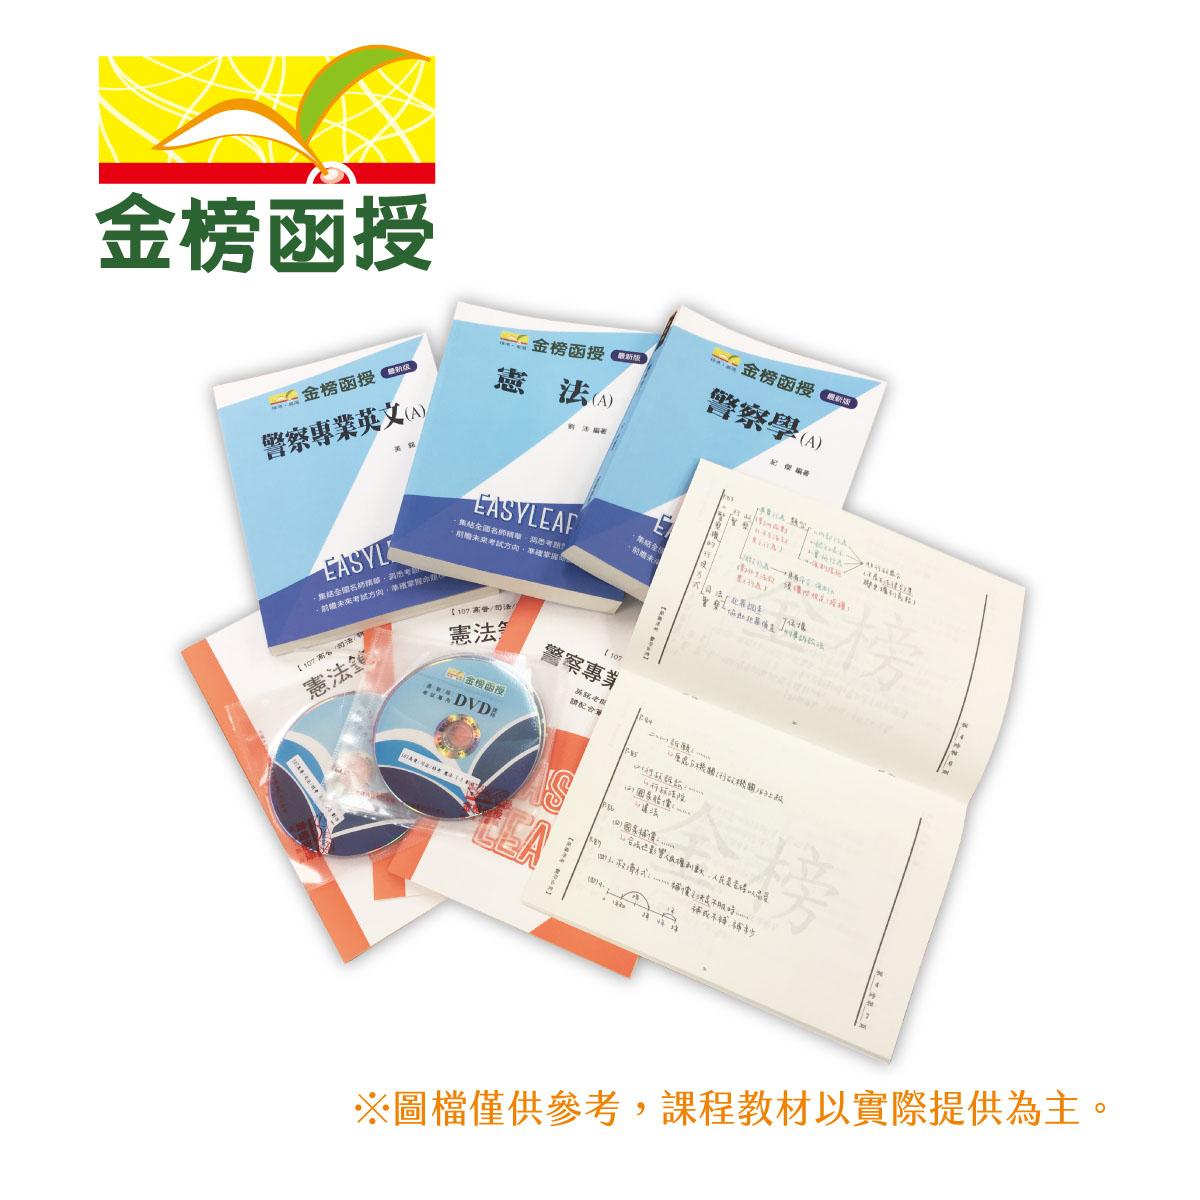 108金榜函授/初等考/全套/一般行政/DVD